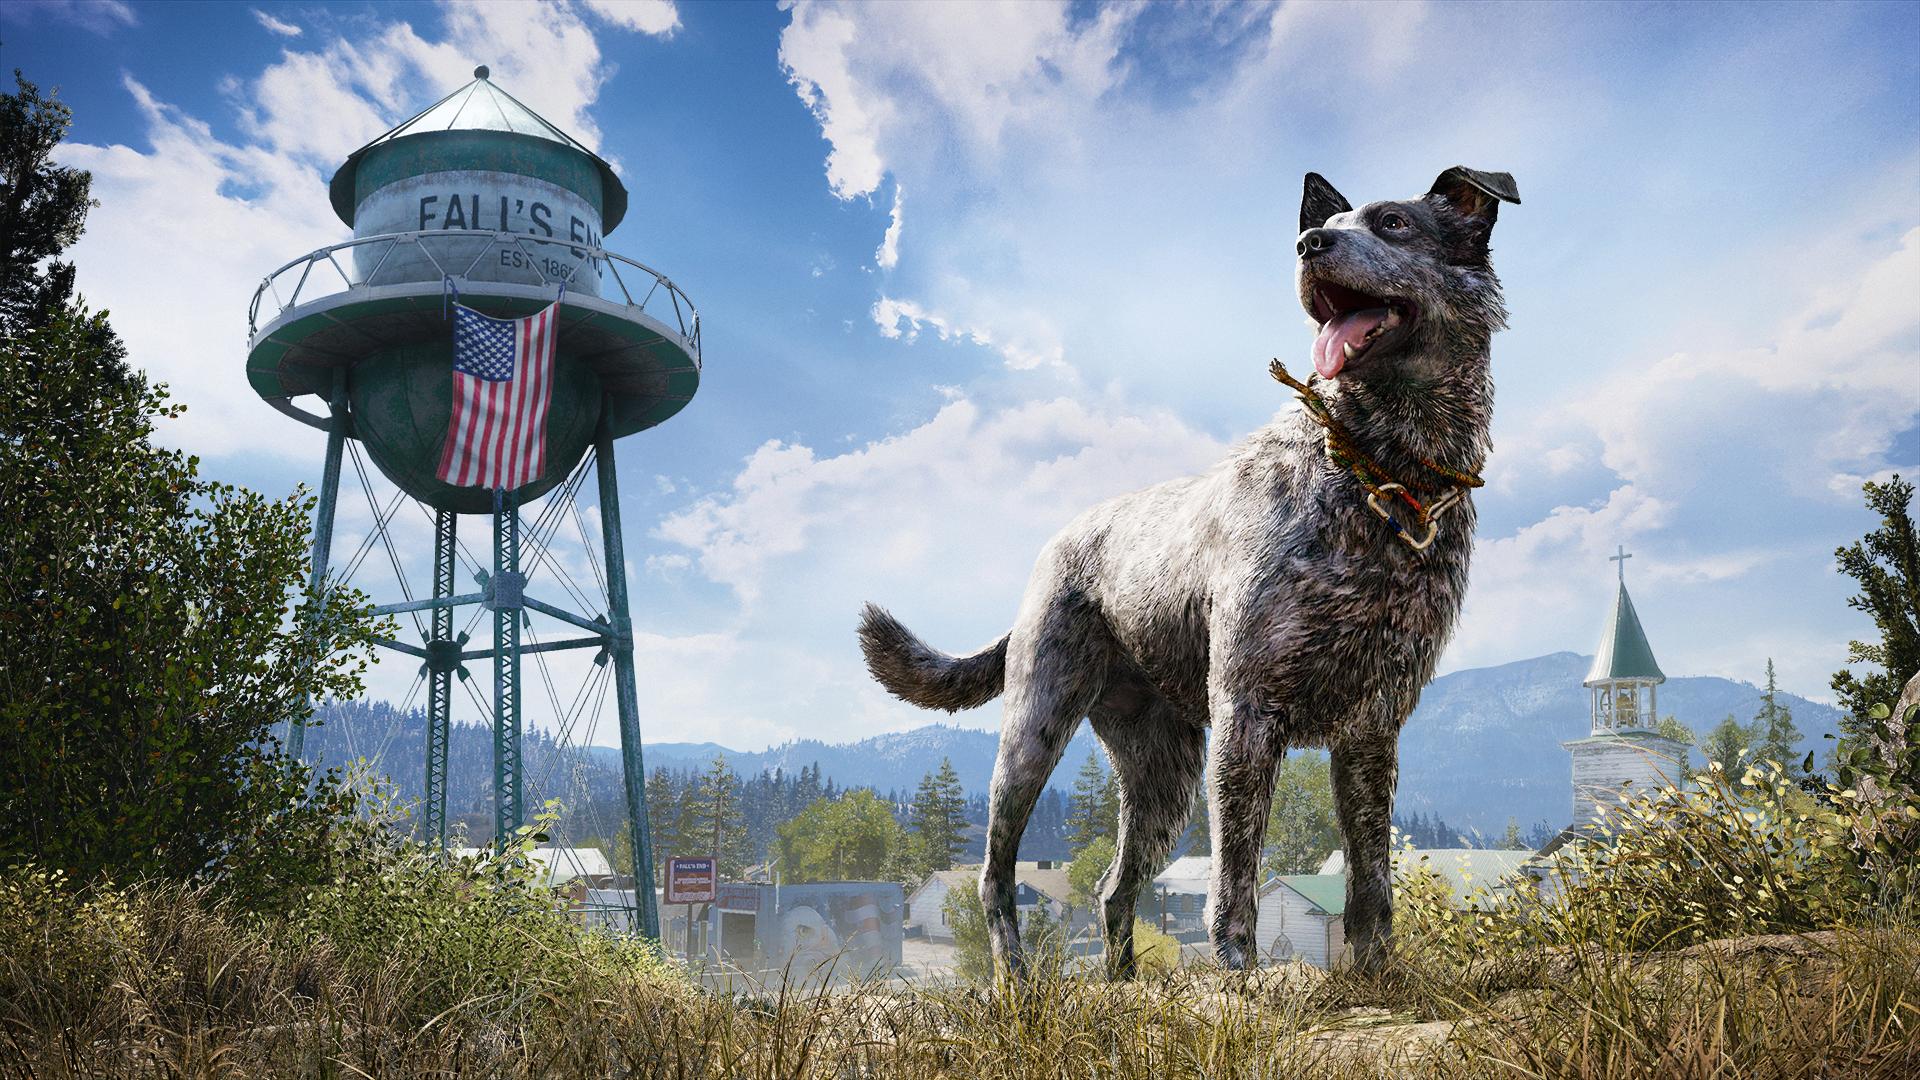 Сезонный пропуск Far Cry 5 будет включать переиздание Far Cry 3, сражения на Марсе, а также битвы с зомби и вьетконговцами